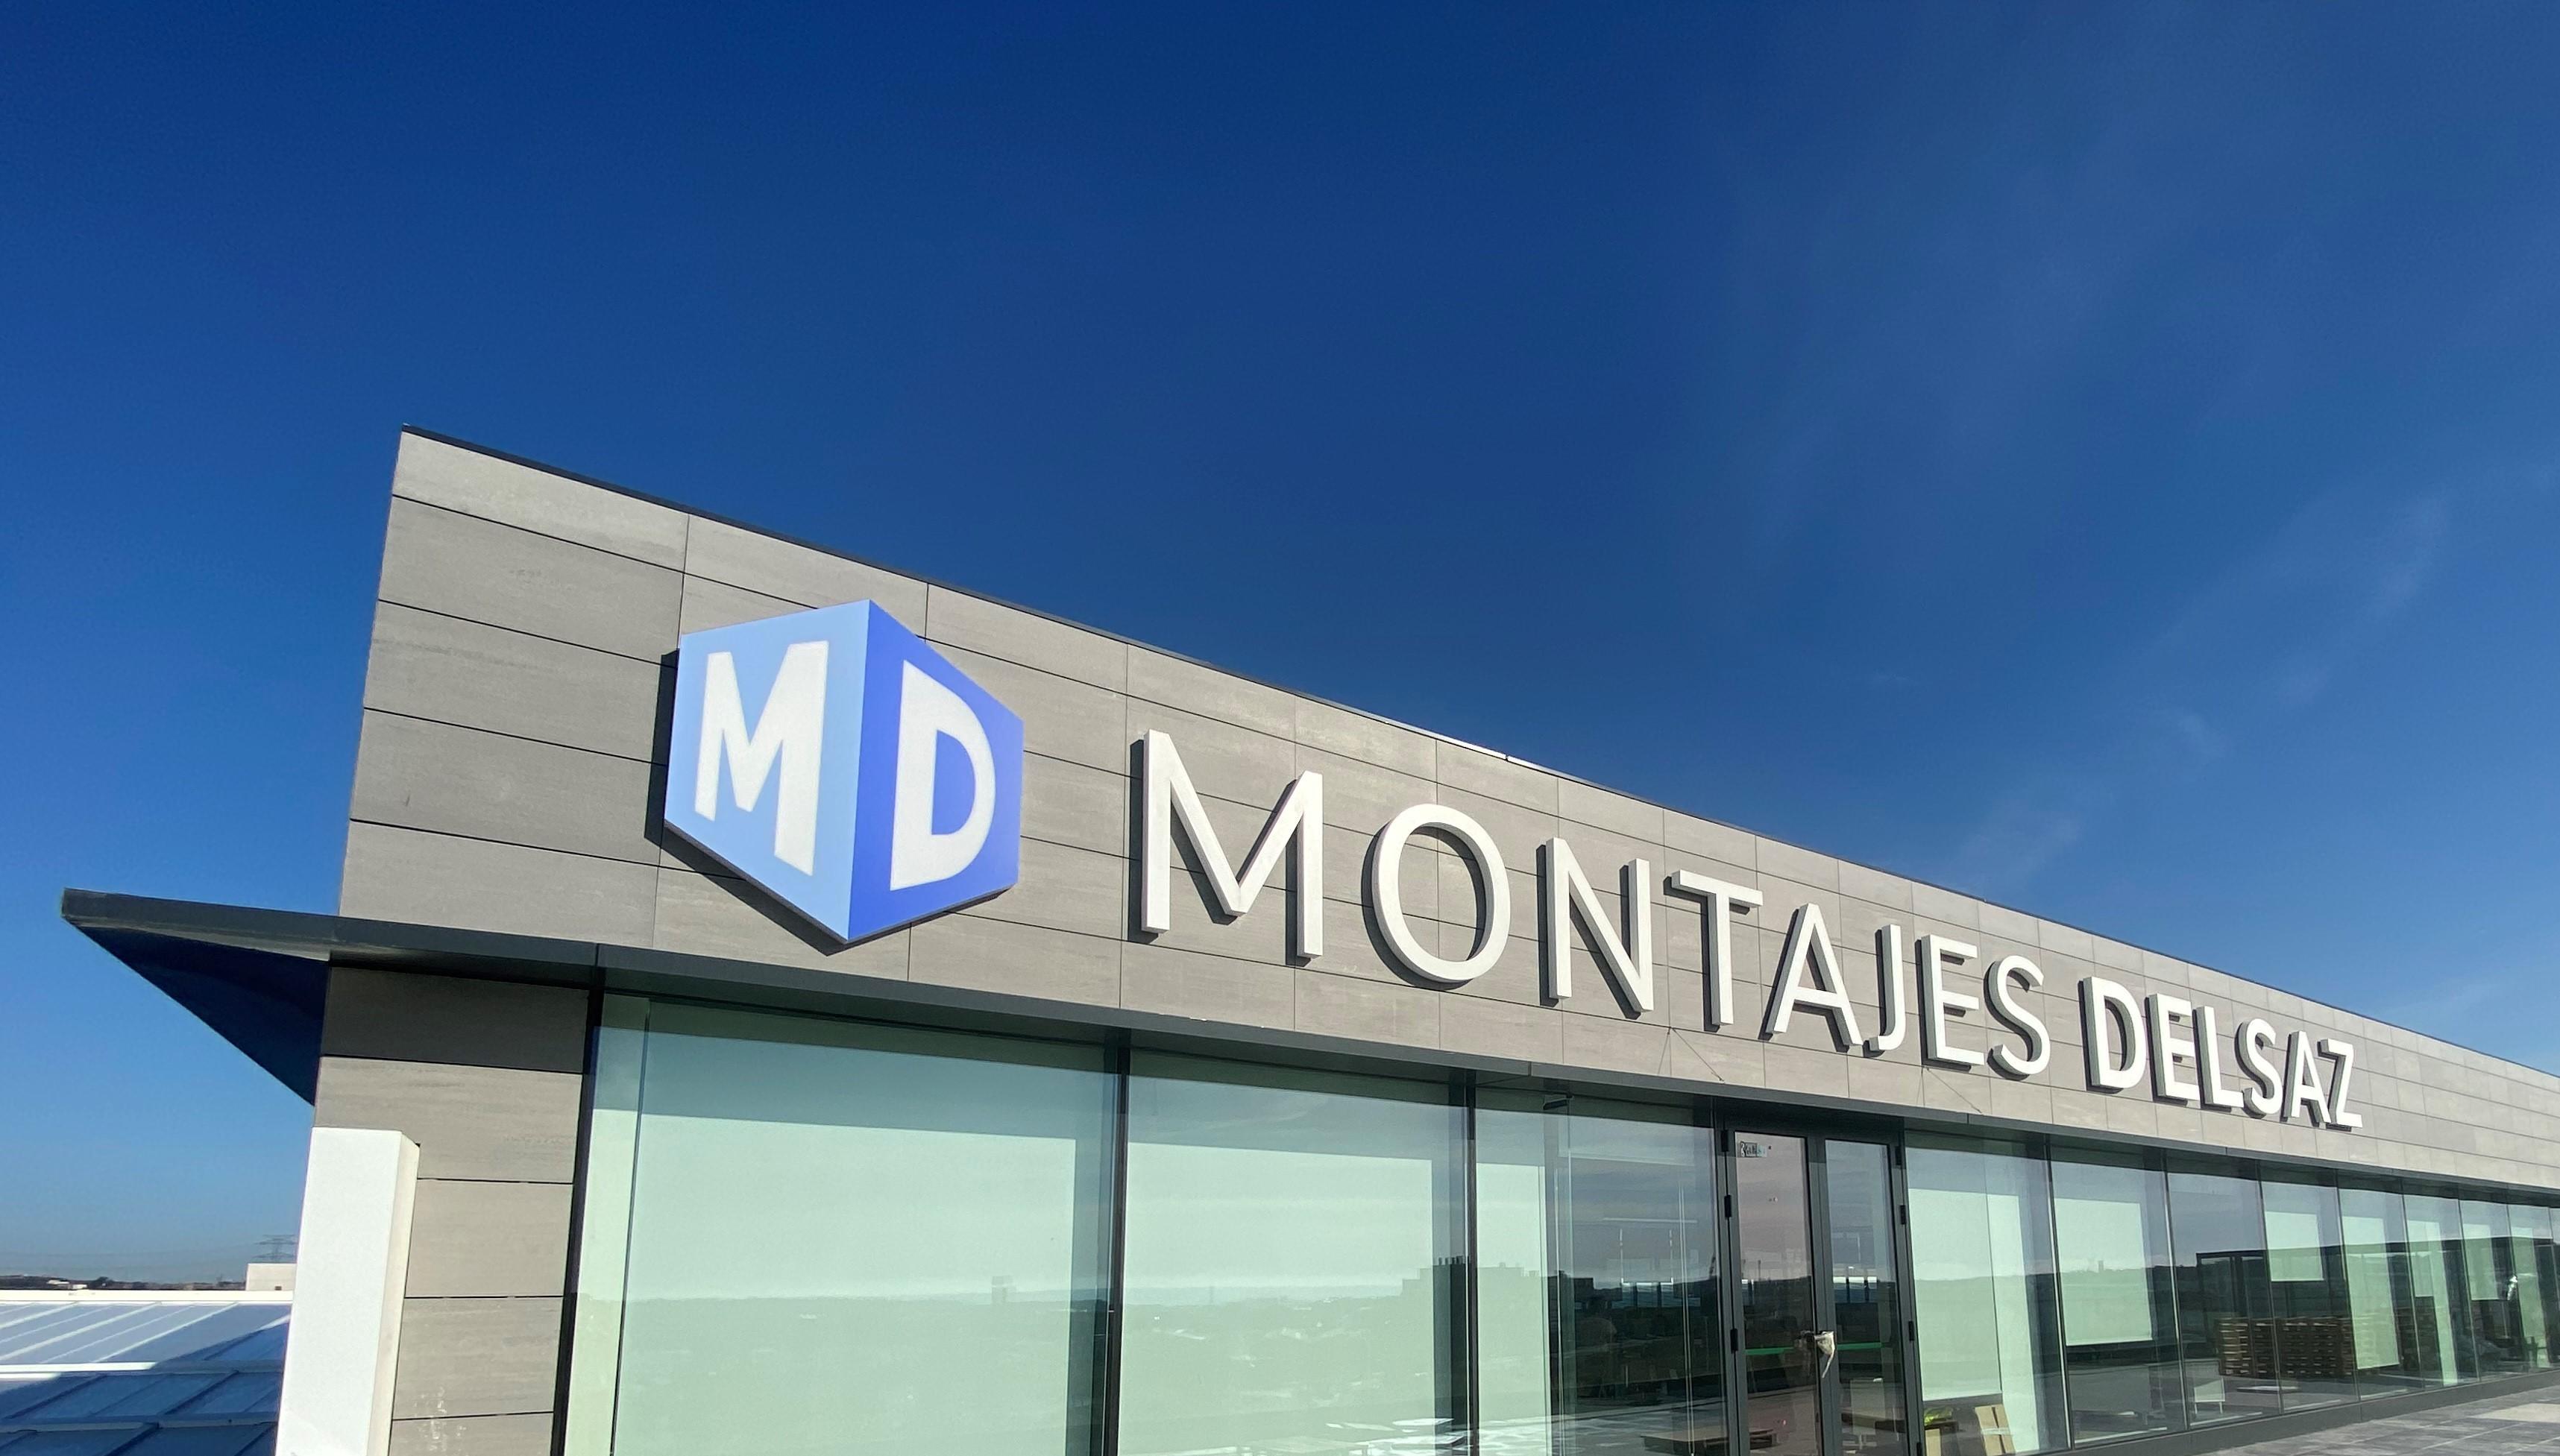 Montajes Delsaz continúa creciendo con la apertura de sus nuevas oficinas en Madrid